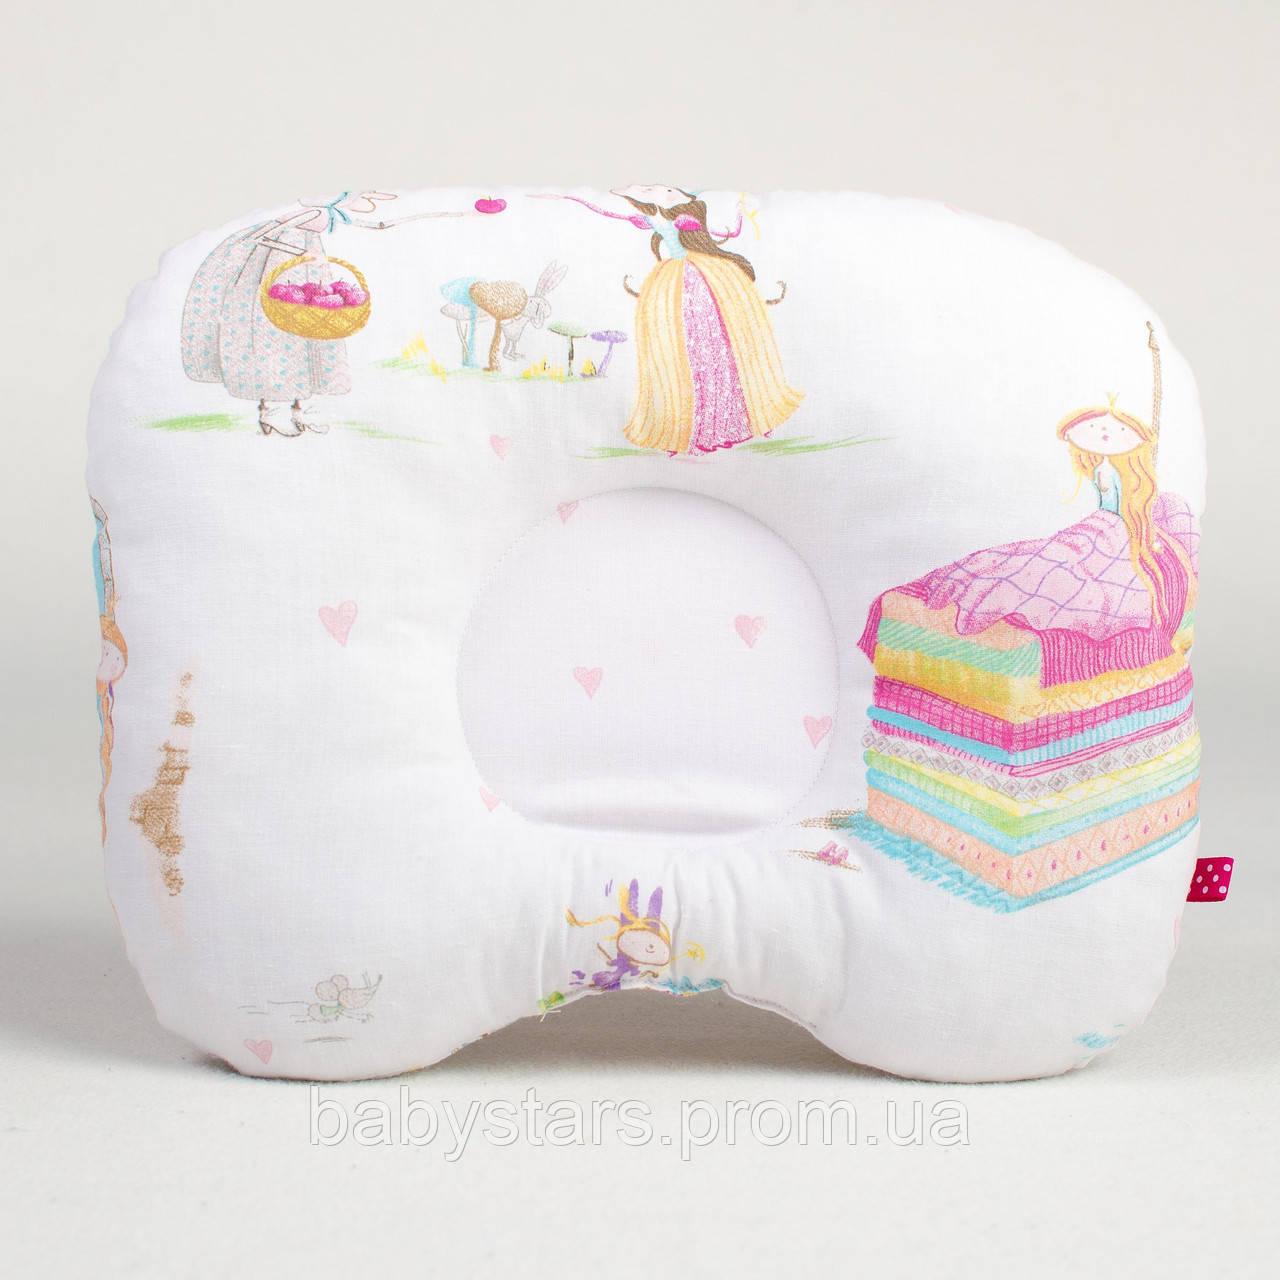 """Детская ортопедическая подушка для новорожденных 22х26 см, """"Принцессы из сказок"""""""